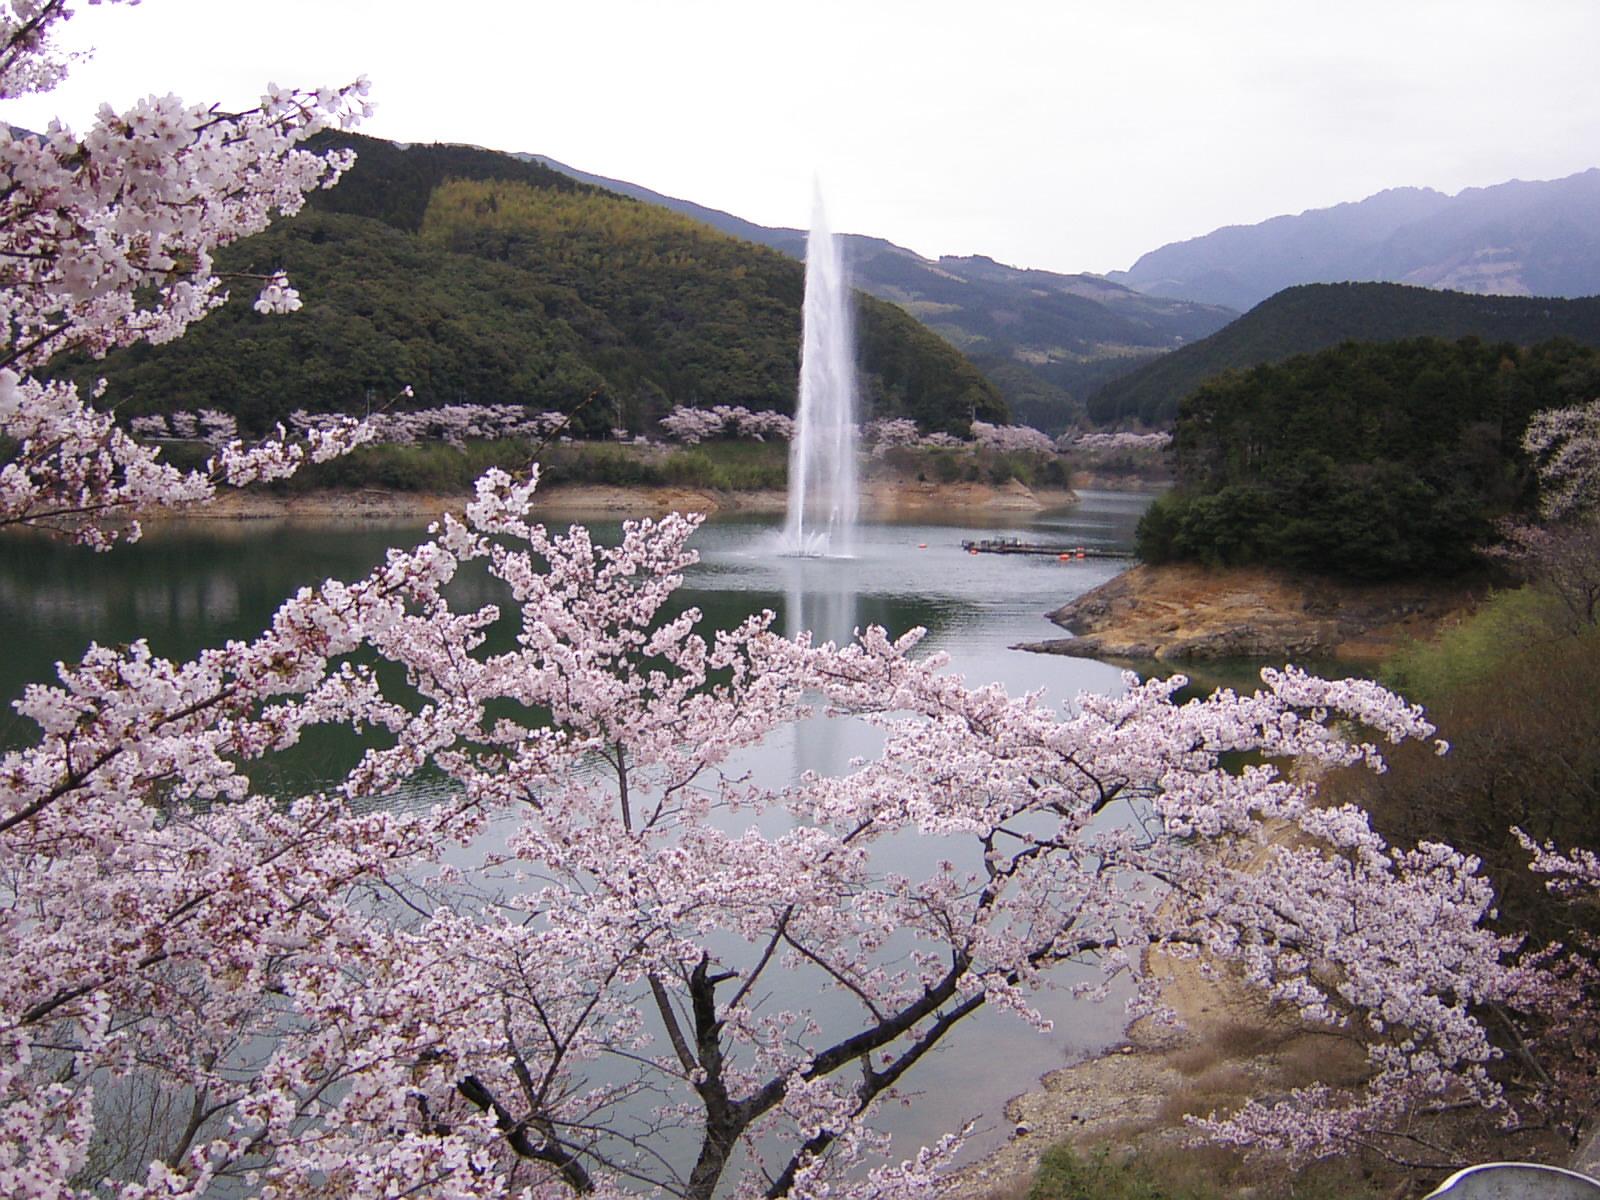 95 熊本県水上村「市房ダム湖畔」